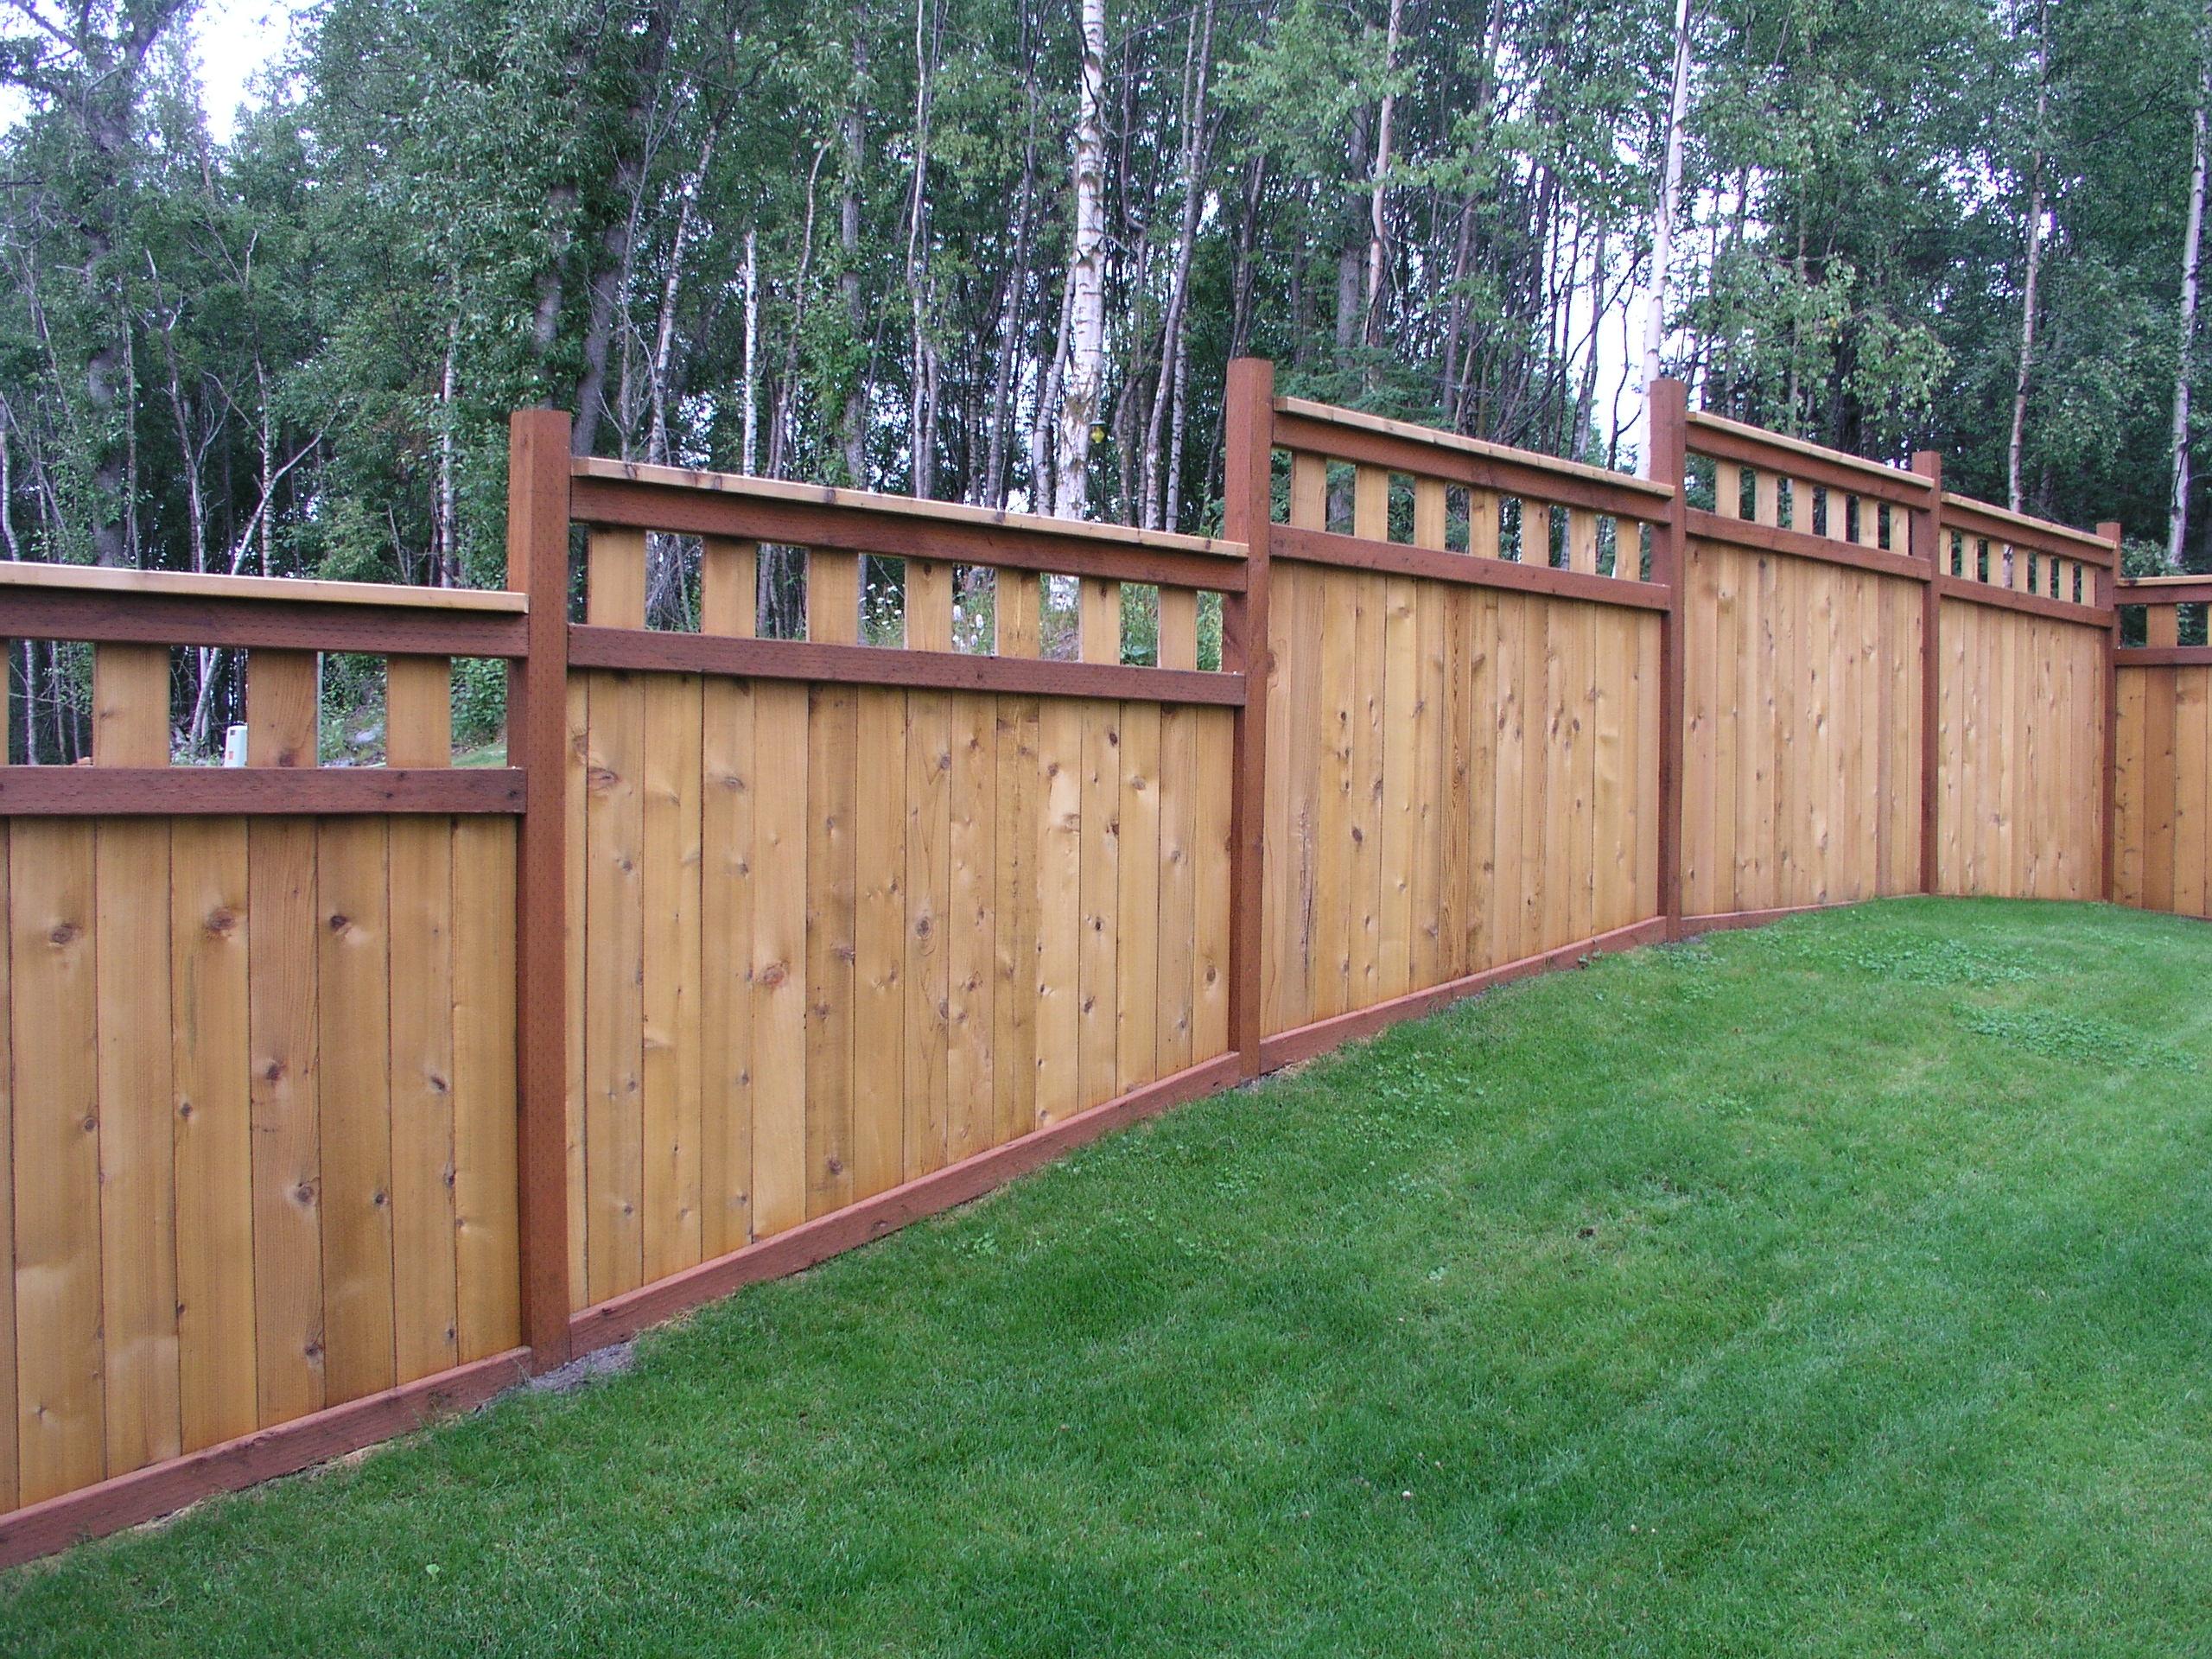 Cedar Board Fence Aaa Fence Inc